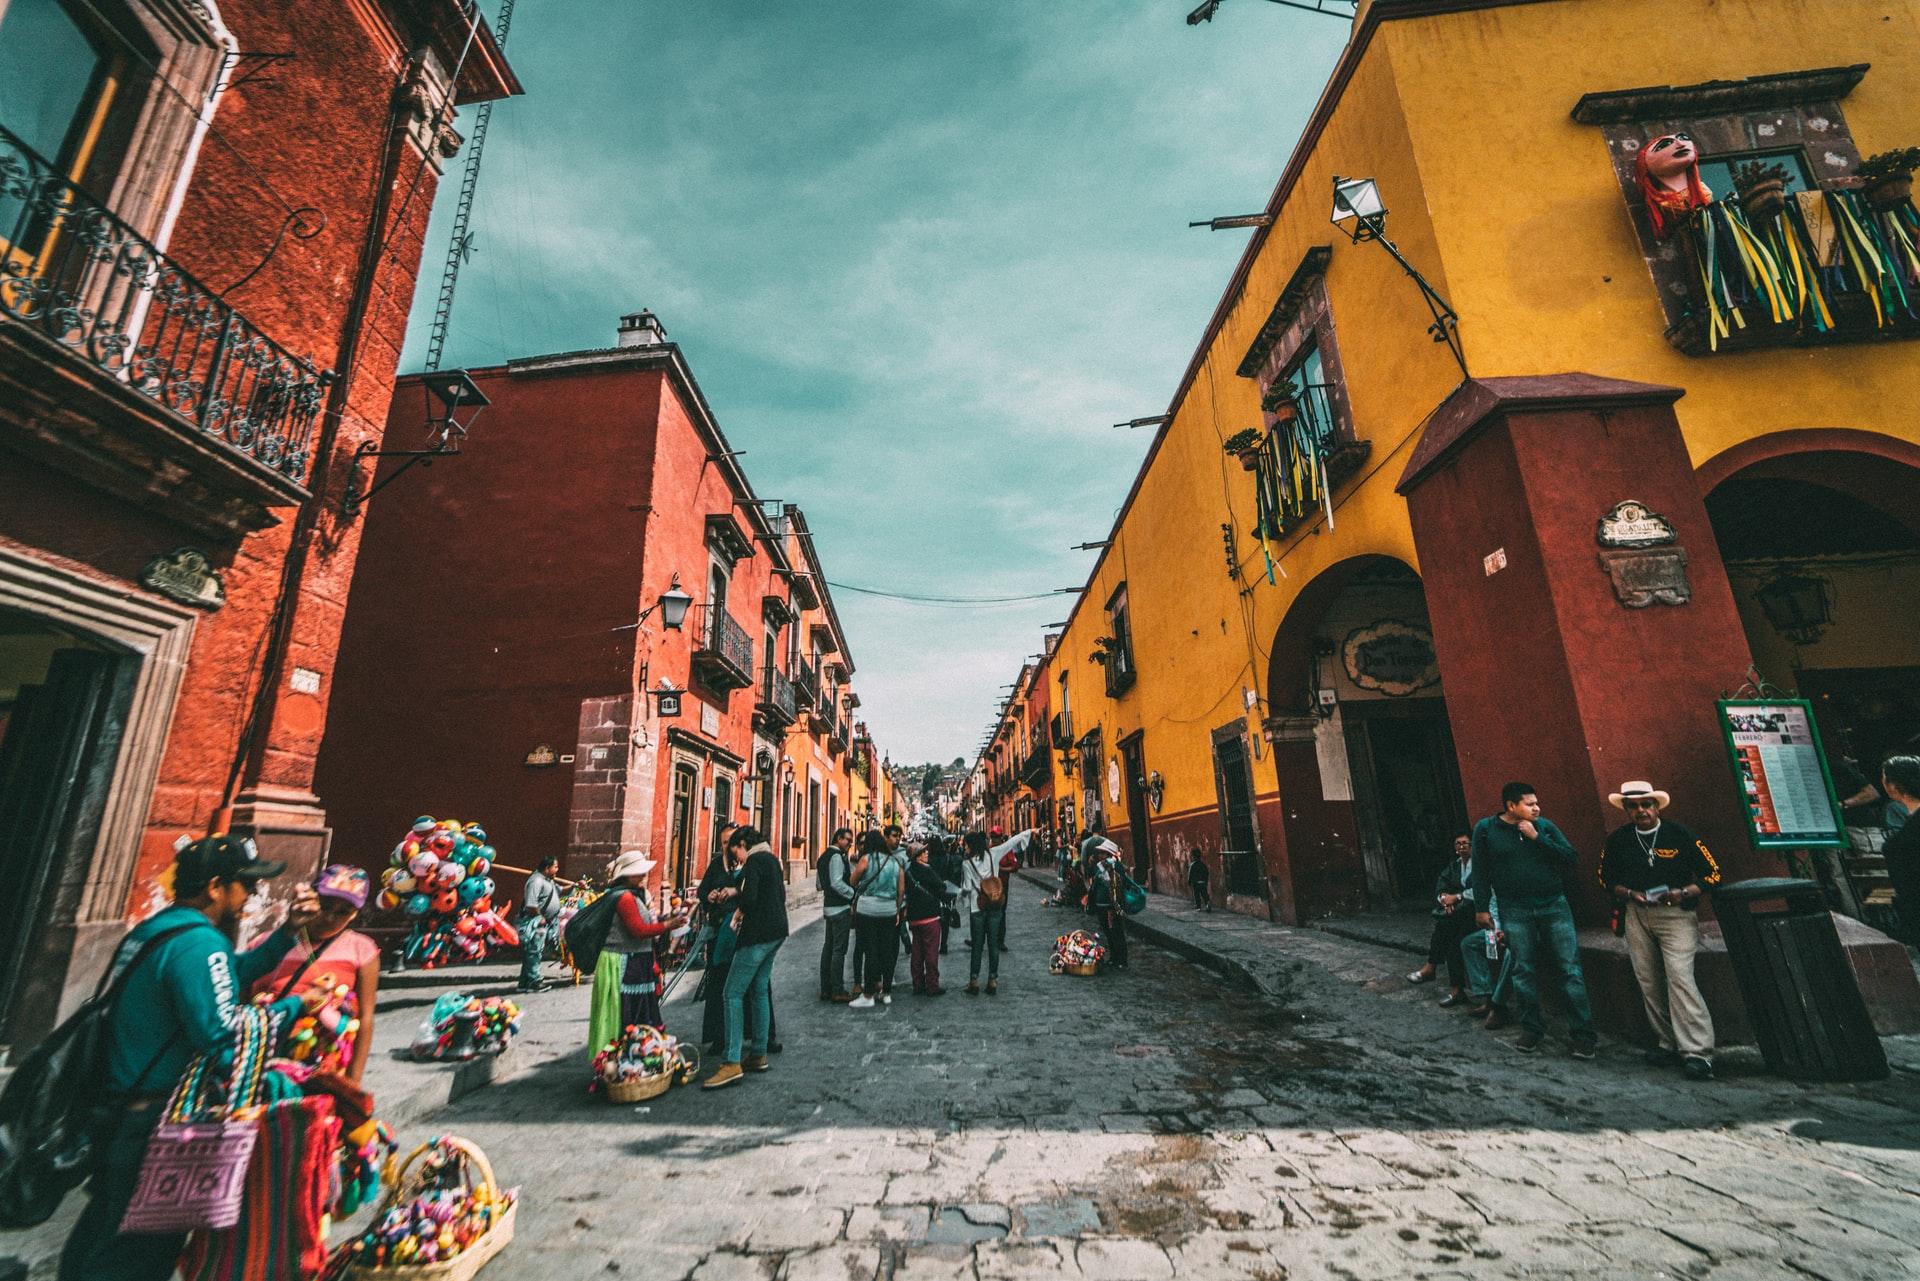 Mexiko, Straße, Menschen